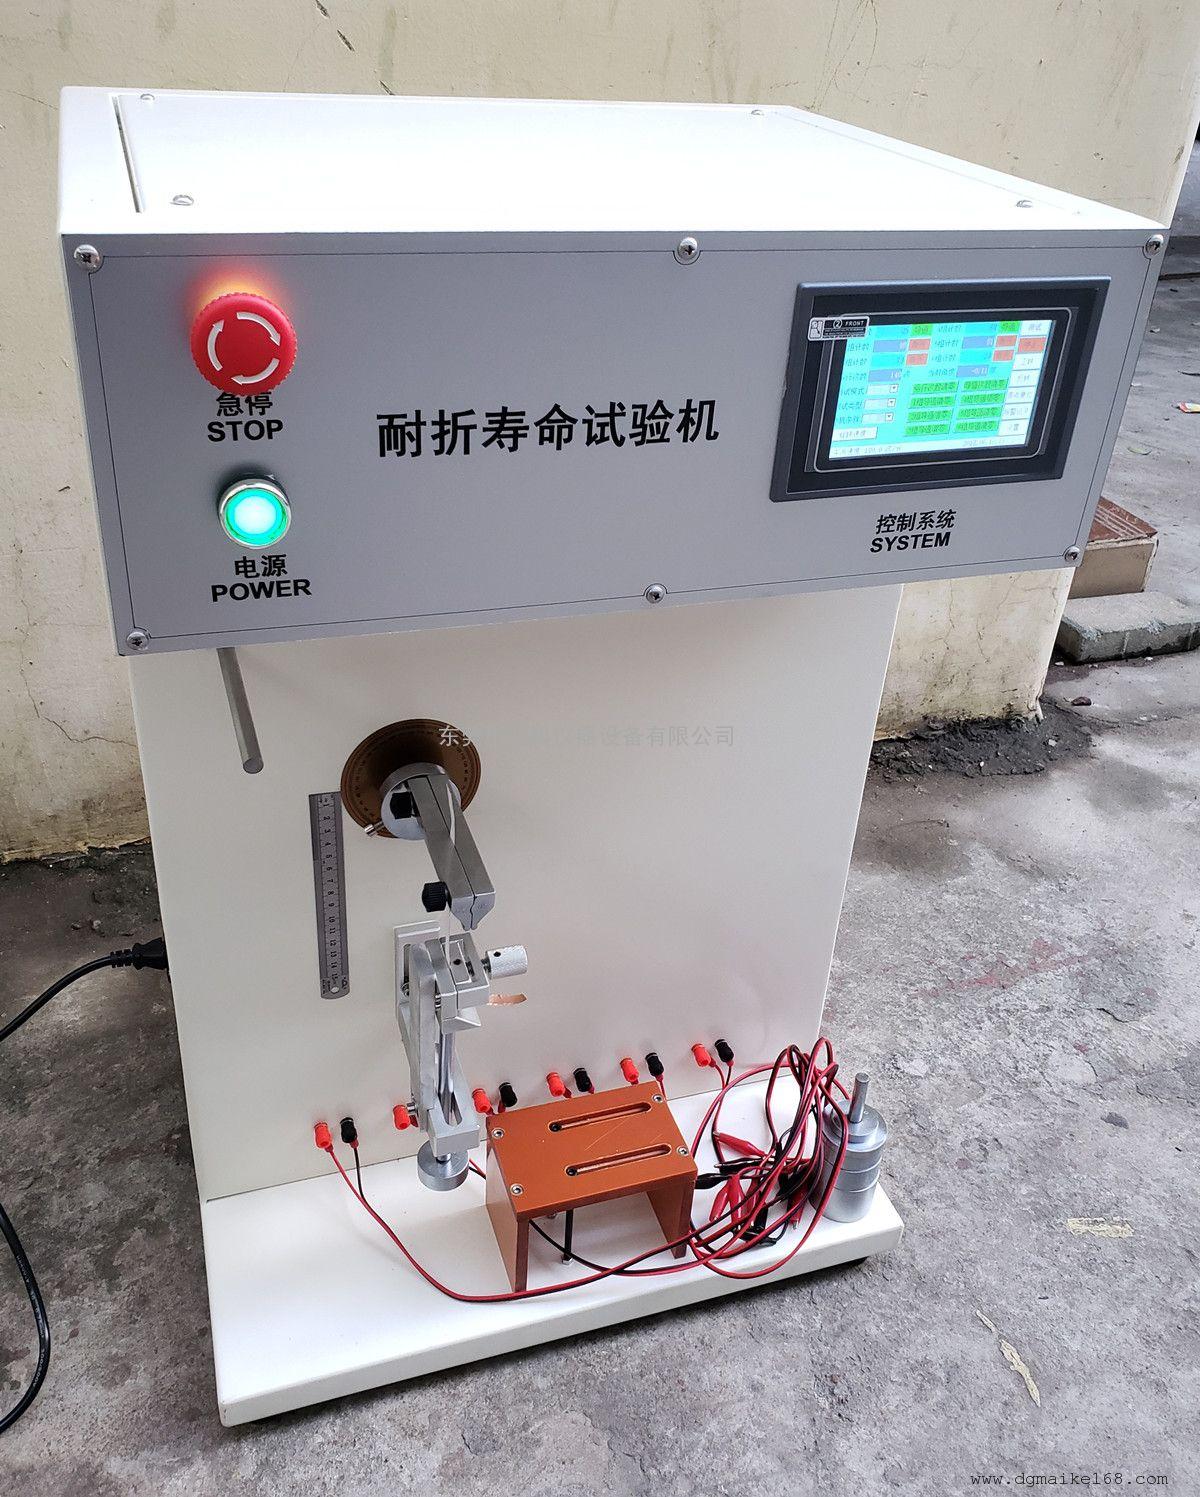 柔性线路板PCB耐折性试验机,柔性板耐折性试验机